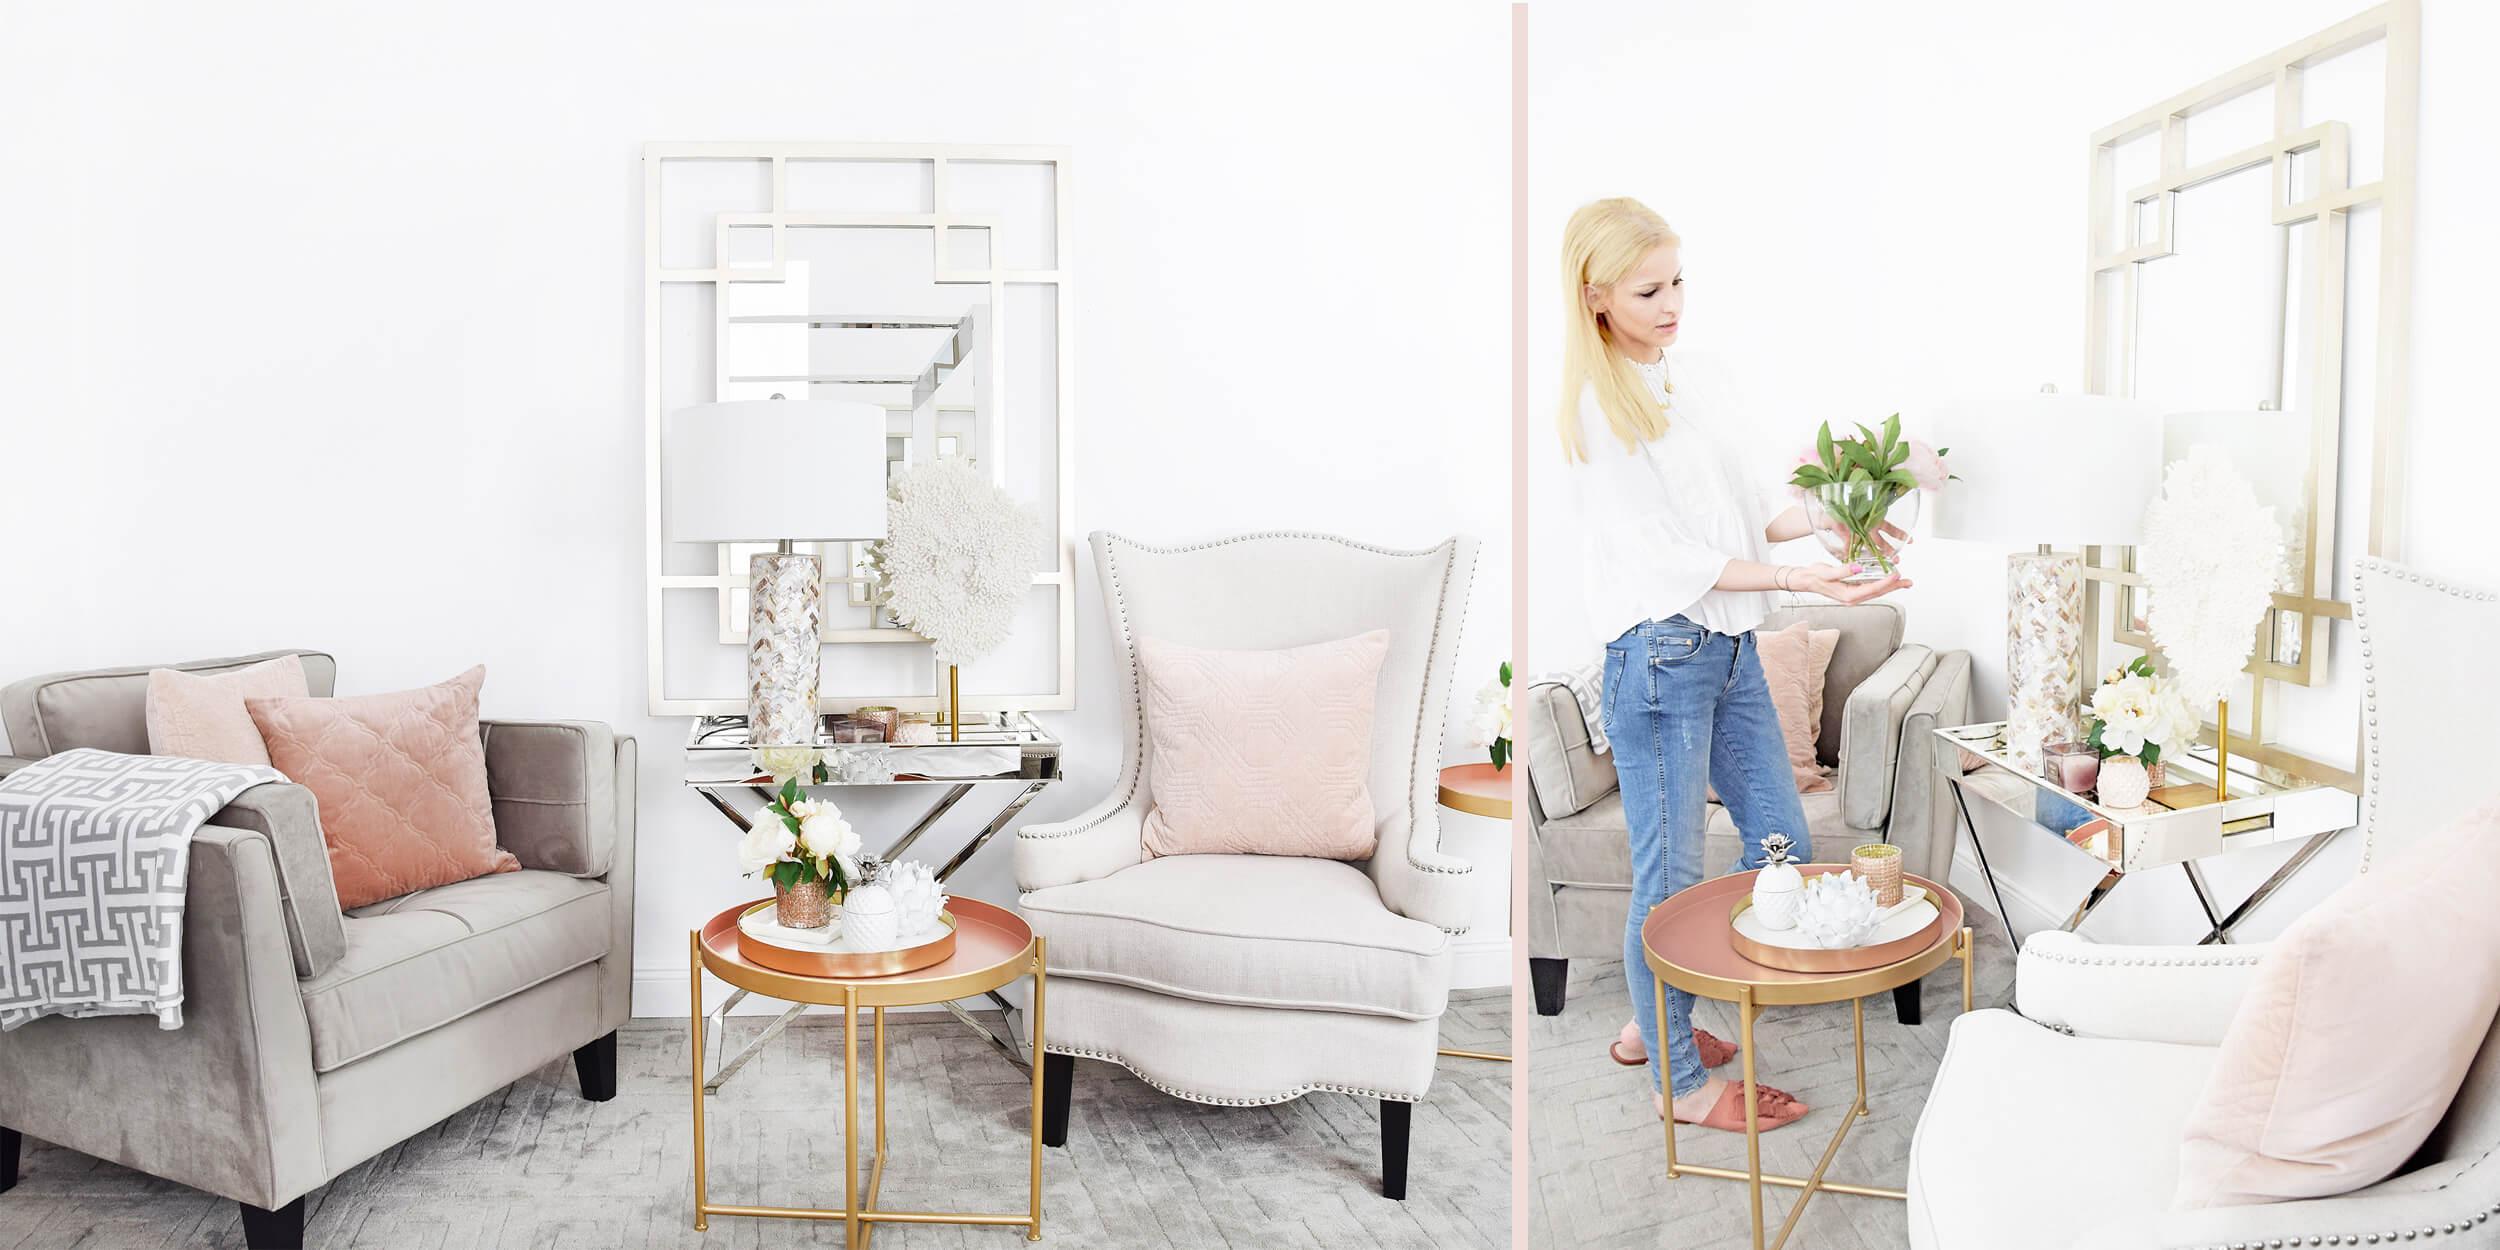 Full Size of Lounge Sessel Schlafzimmer Landhausstil Weißes Massivholz Truhe Klimagerät Für Günstige Komplett Mit überbau Rauch Relaxsessel Garten Aldi Wiemann Lampe Schlafzimmer Sessel Schlafzimmer